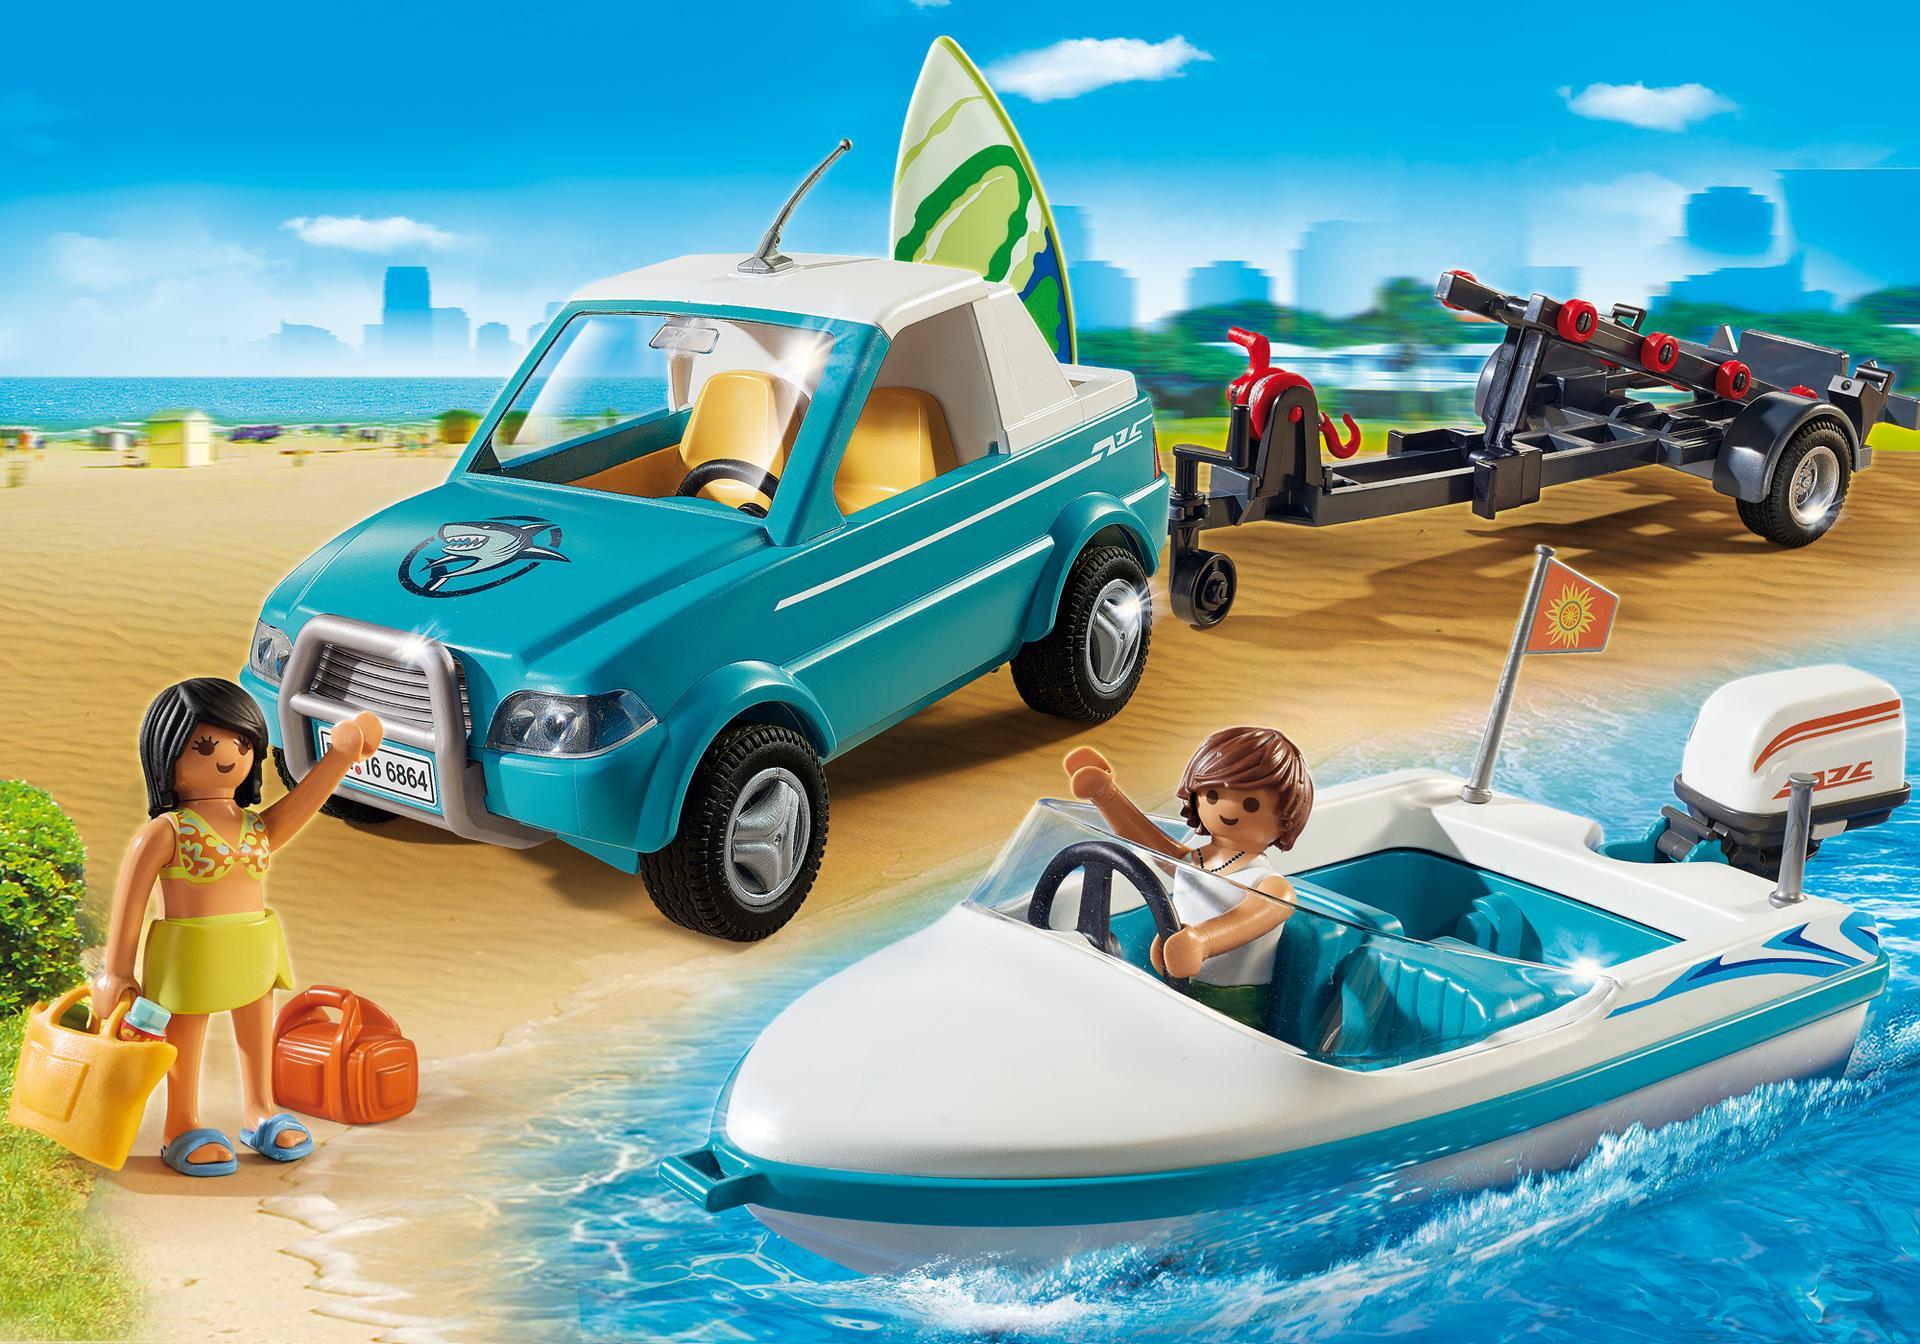 voiture avec bateau et moteur submersible 6864. Black Bedroom Furniture Sets. Home Design Ideas